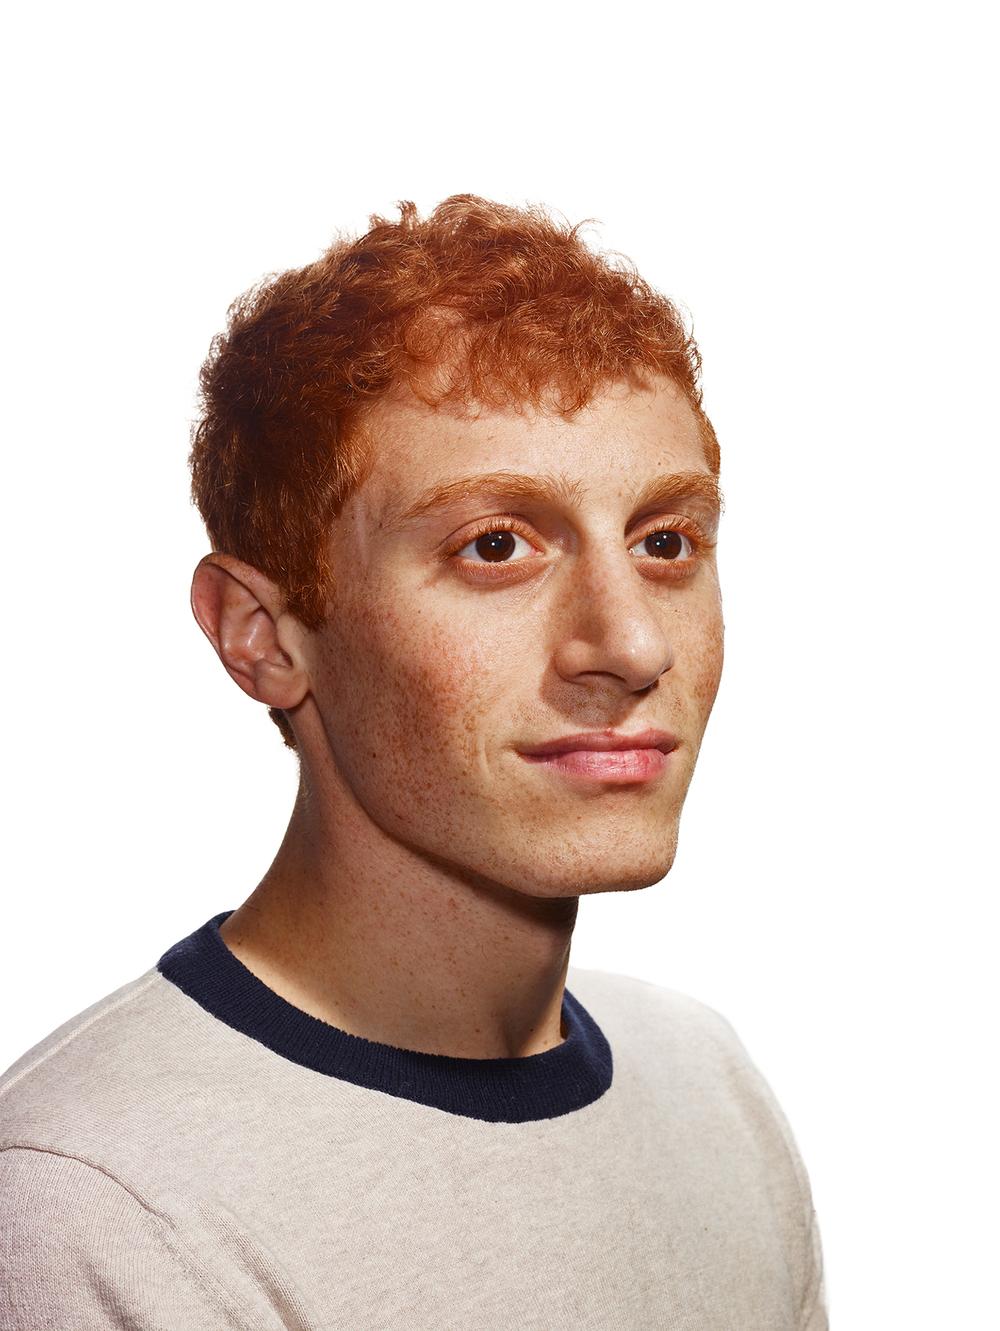 Redheads_131213_818.jpg